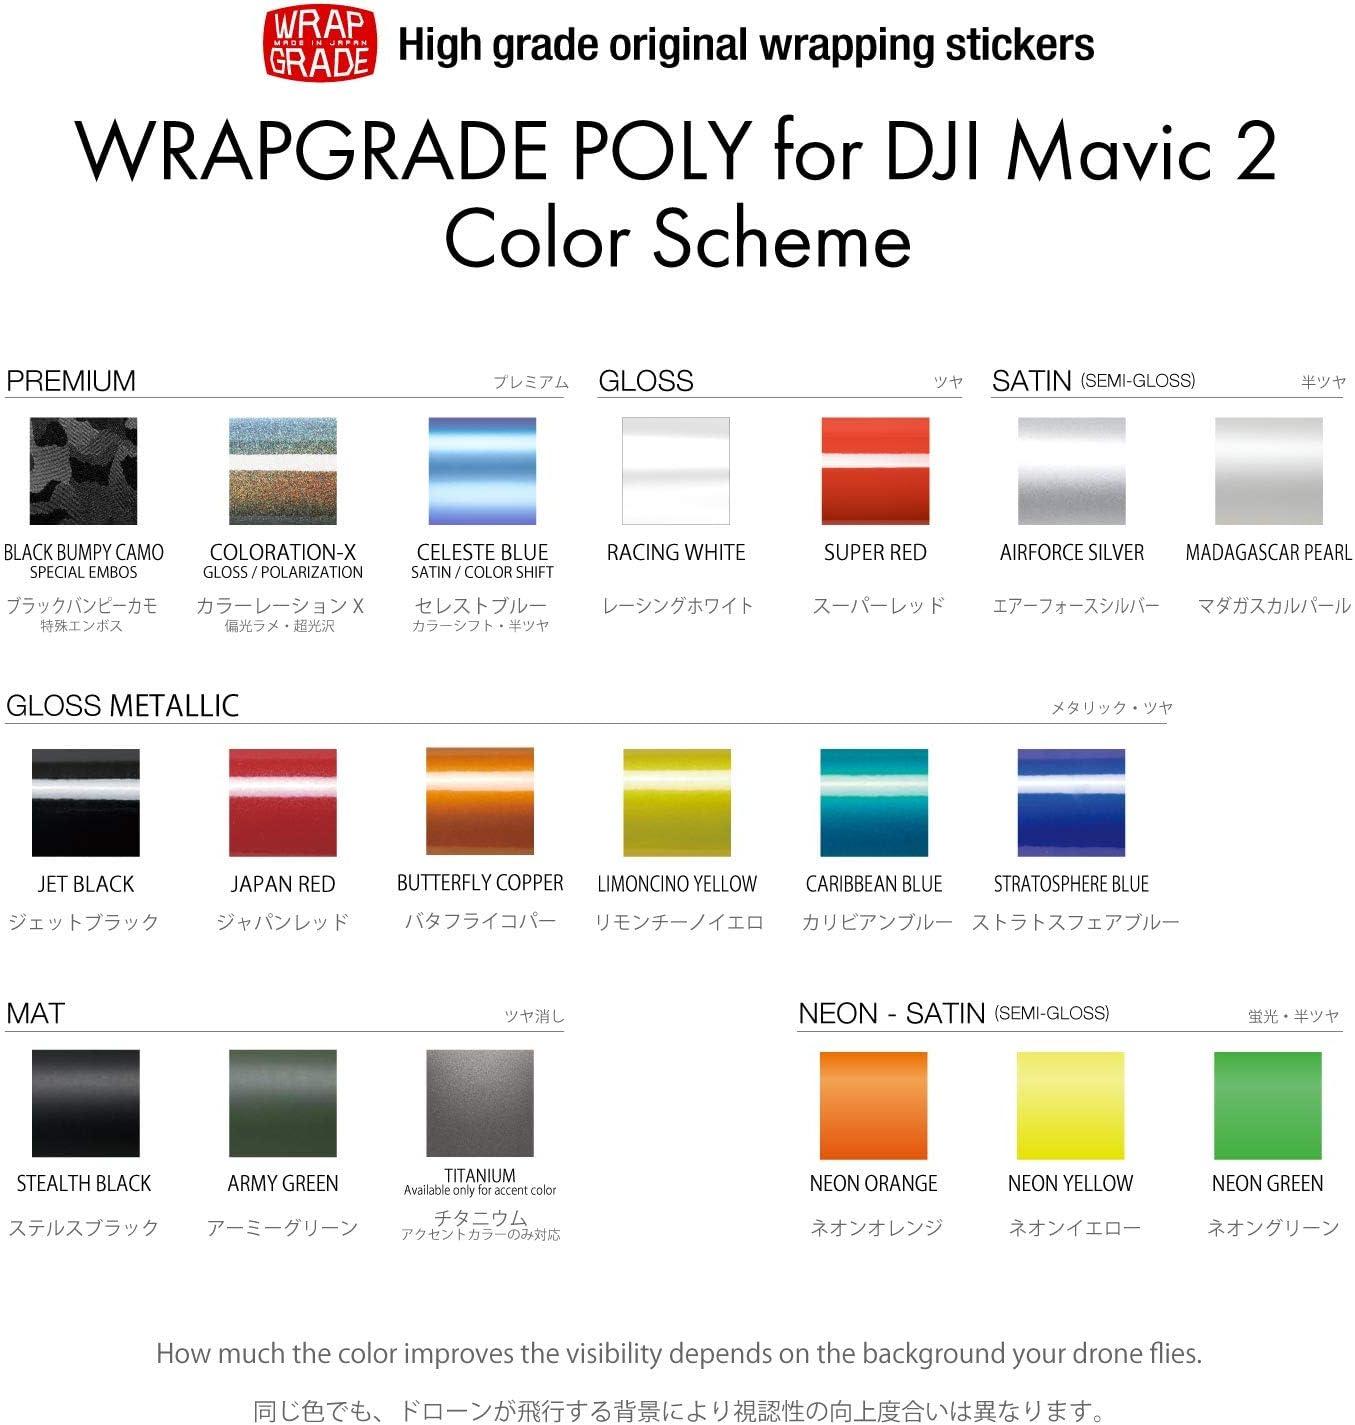 Wrapgrade Unité Principale Skin Compatible avec DJI Mavic 2 (Neon Orange) COLORATION-X